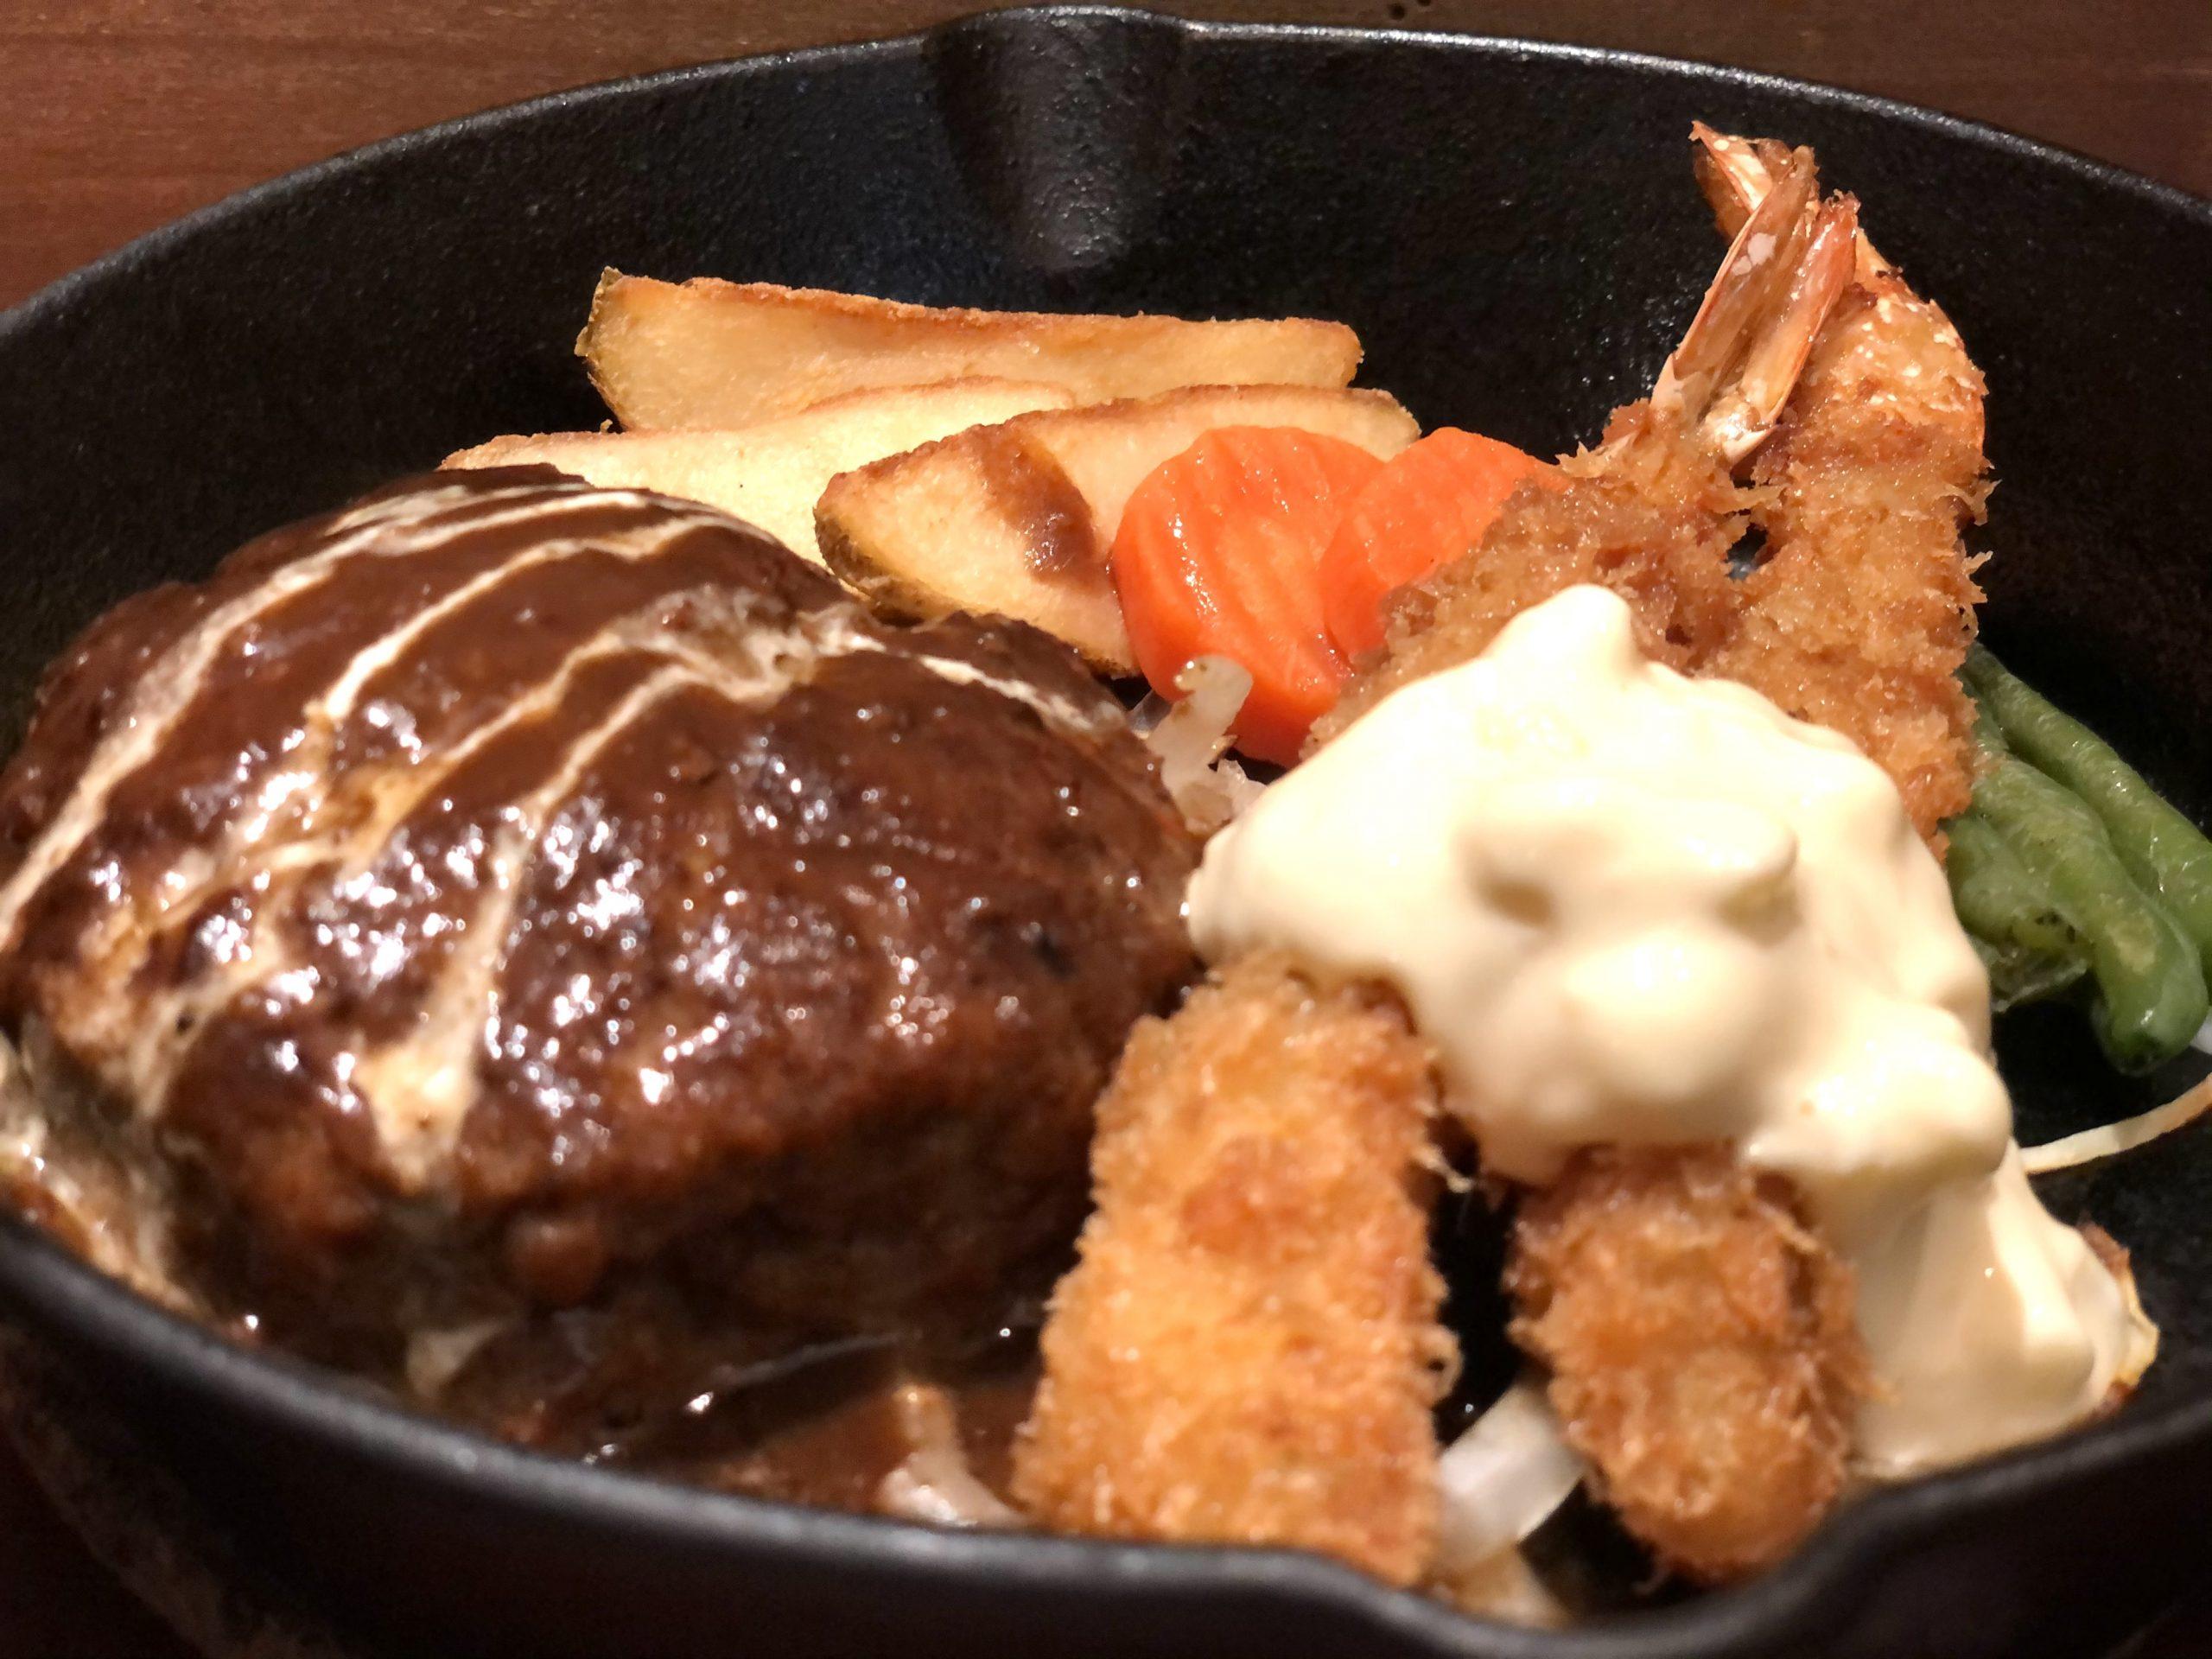 ハンバーグ専門店 grill44.5 -鹿児島市東千石町- イメージ画像